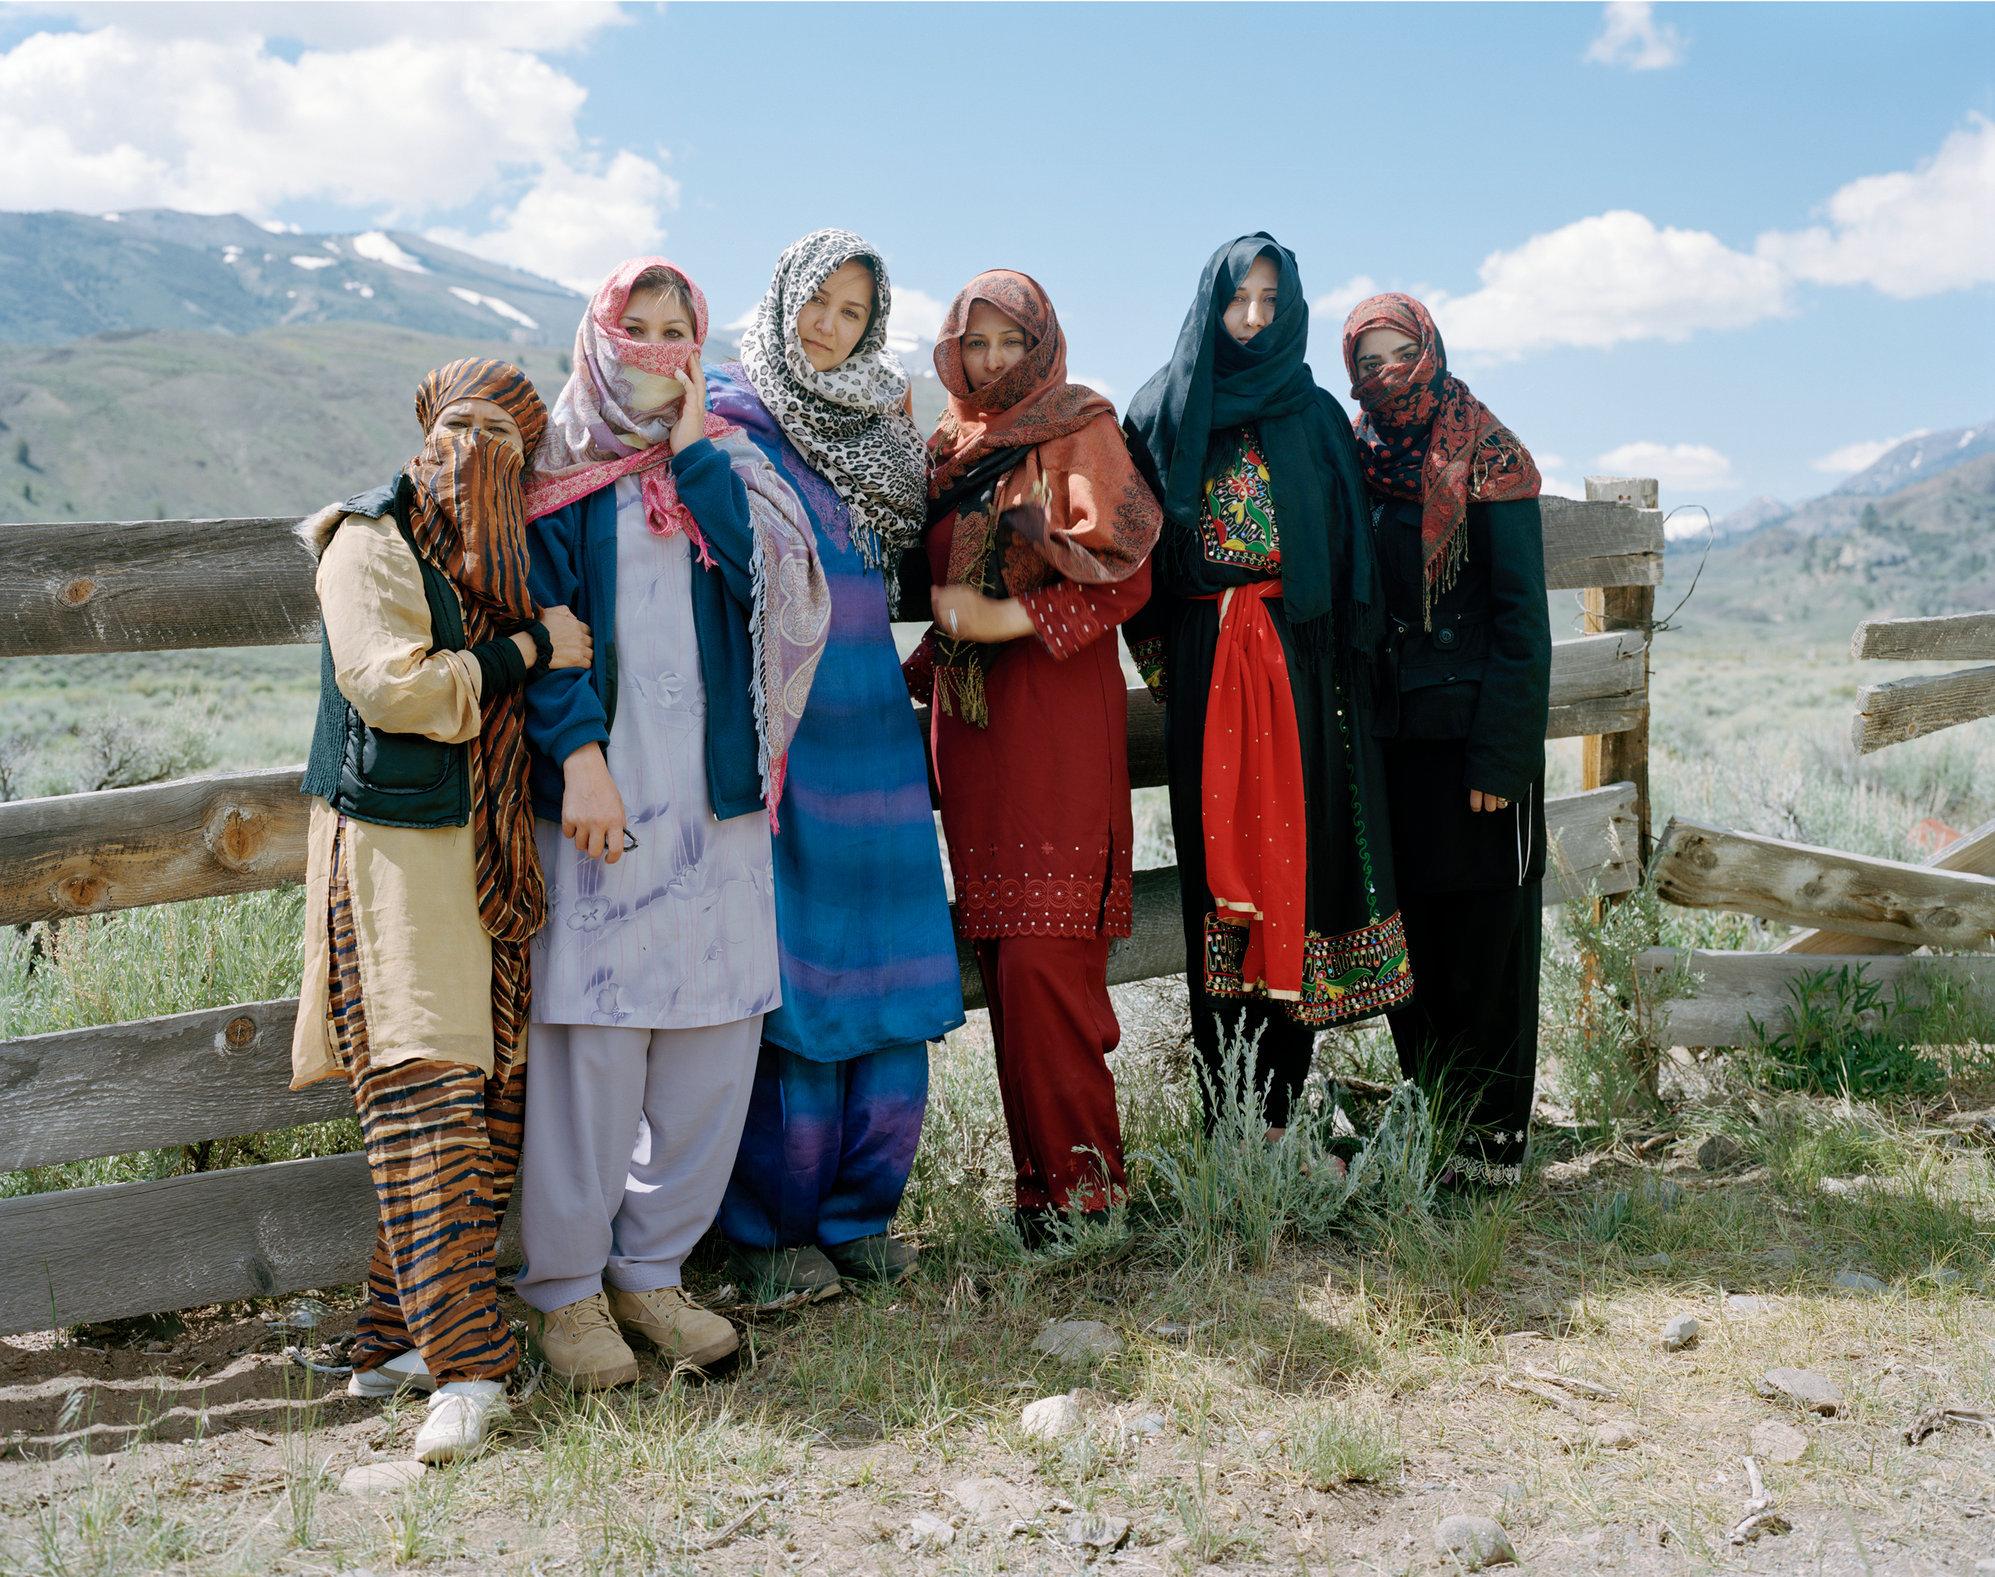 18_200906403_afghan_women.jpg